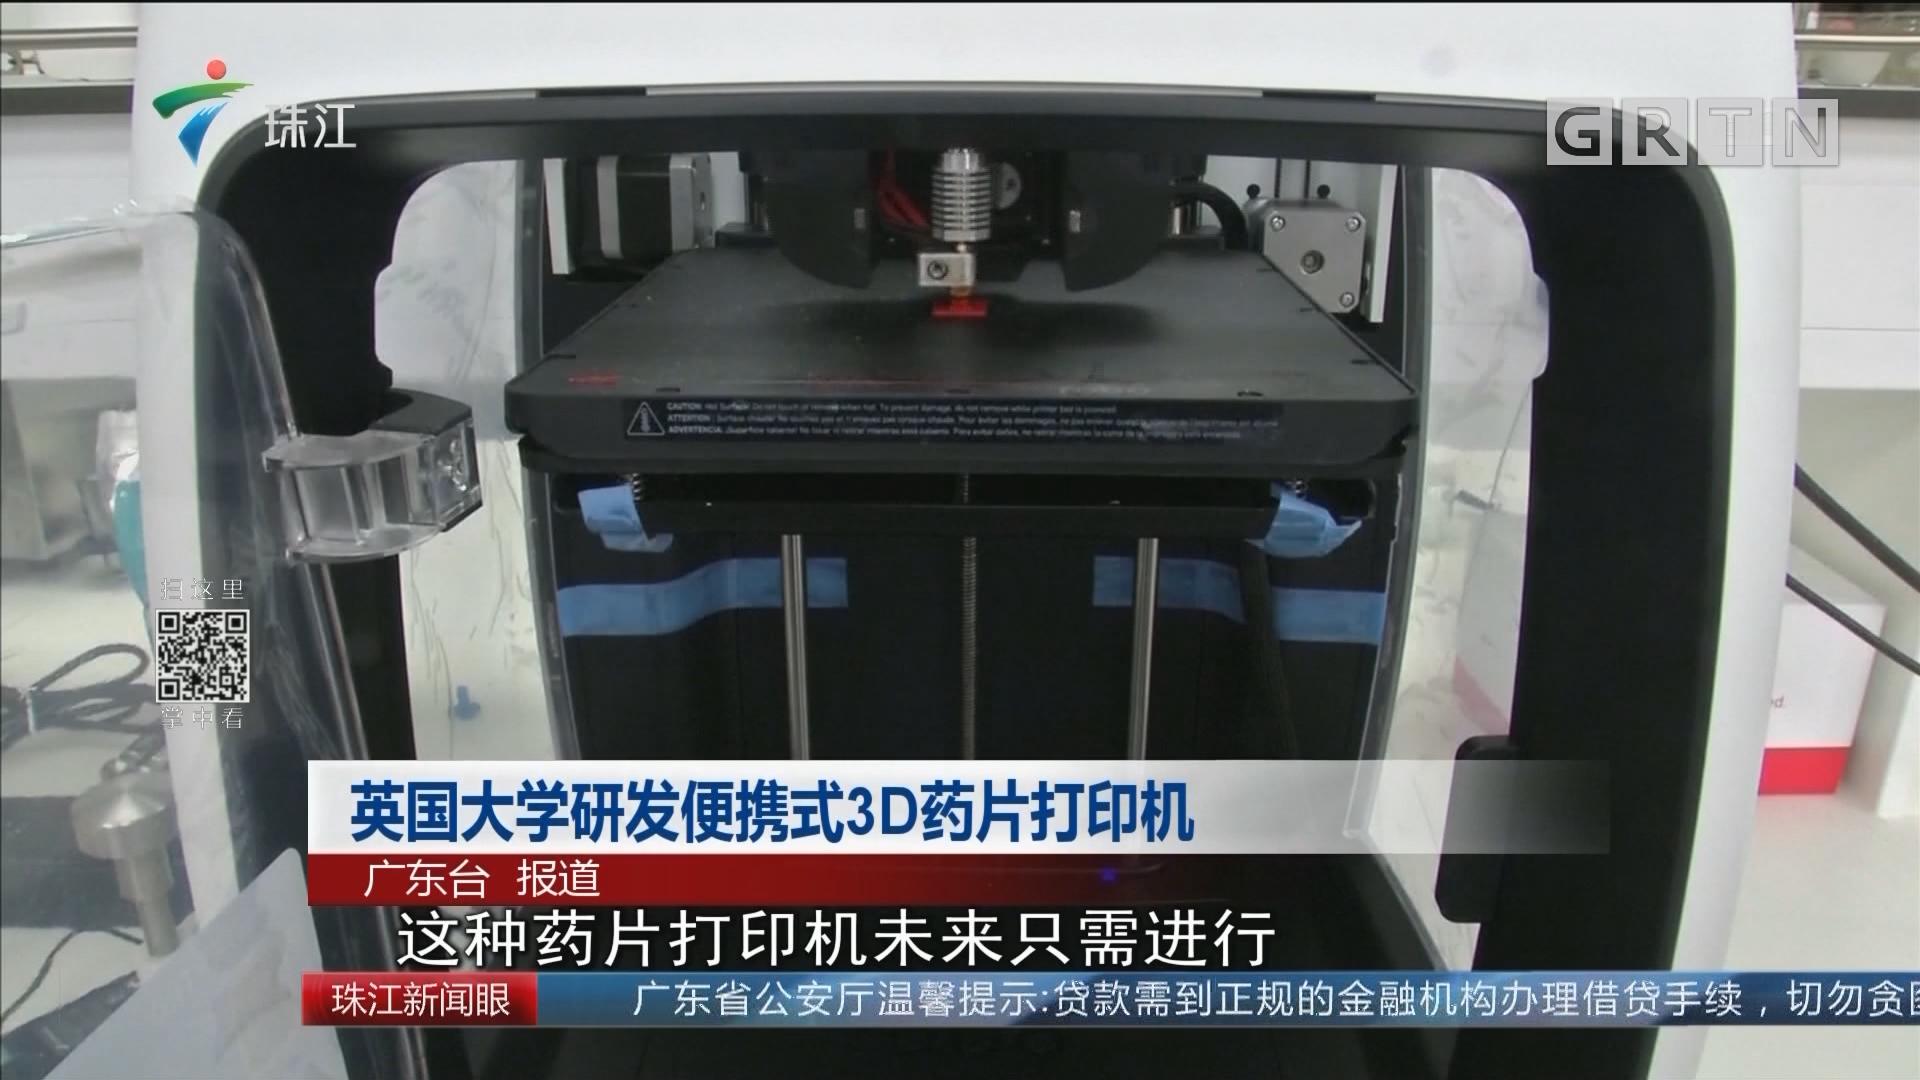 英国大学研发便携式3D药片打印机